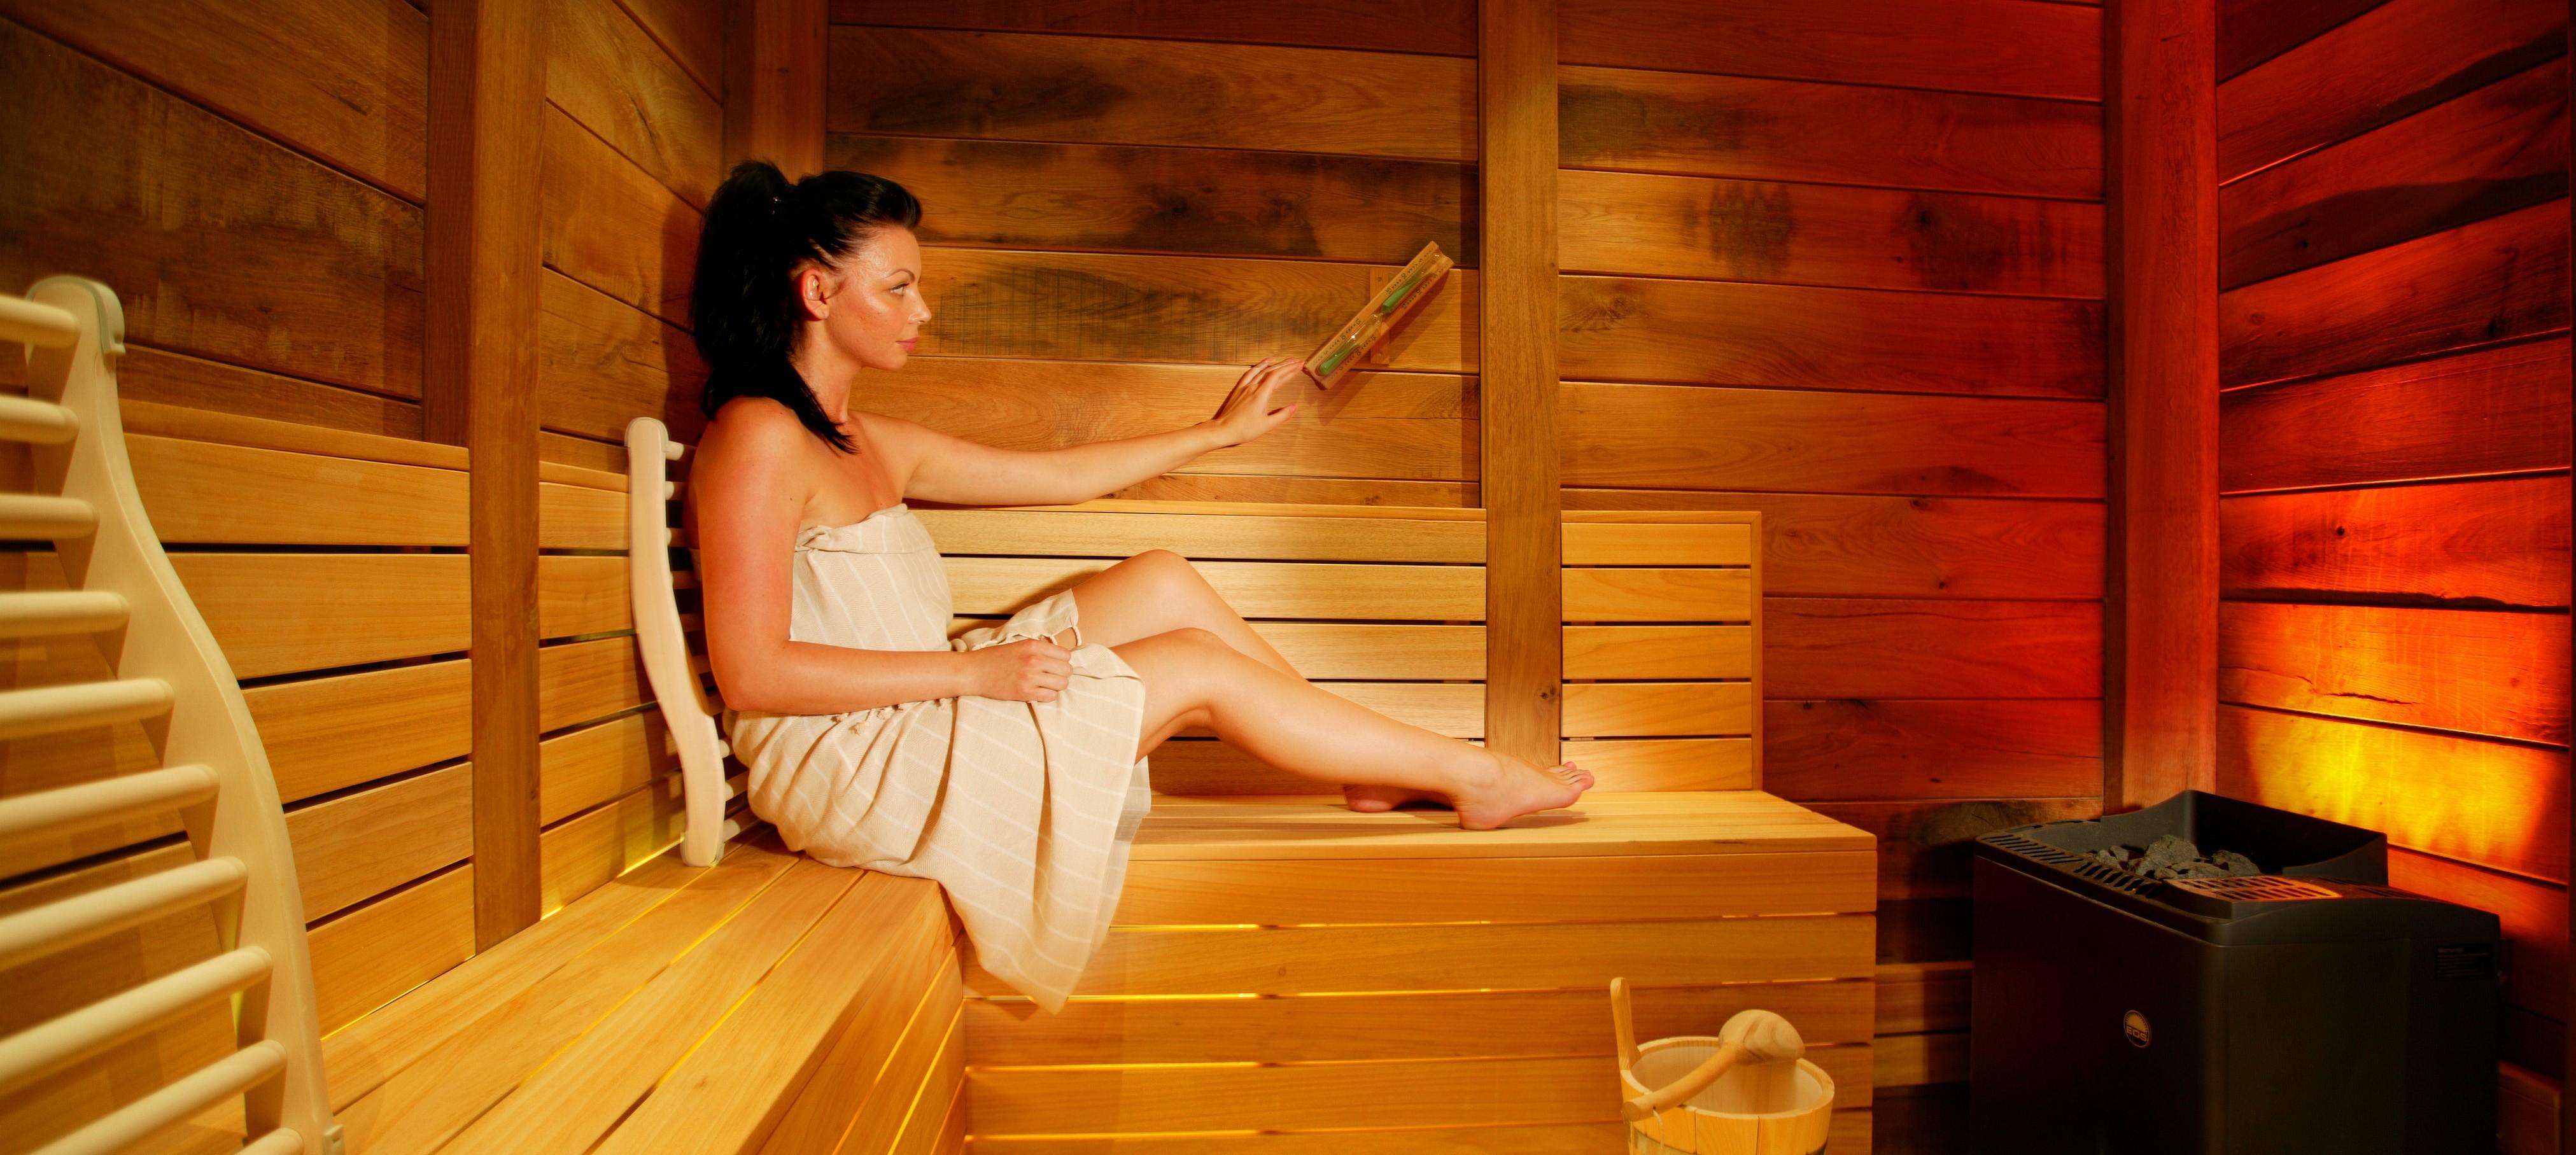 Fondos de pantalla : mujer, sauna 4047x1815 - evaldas994